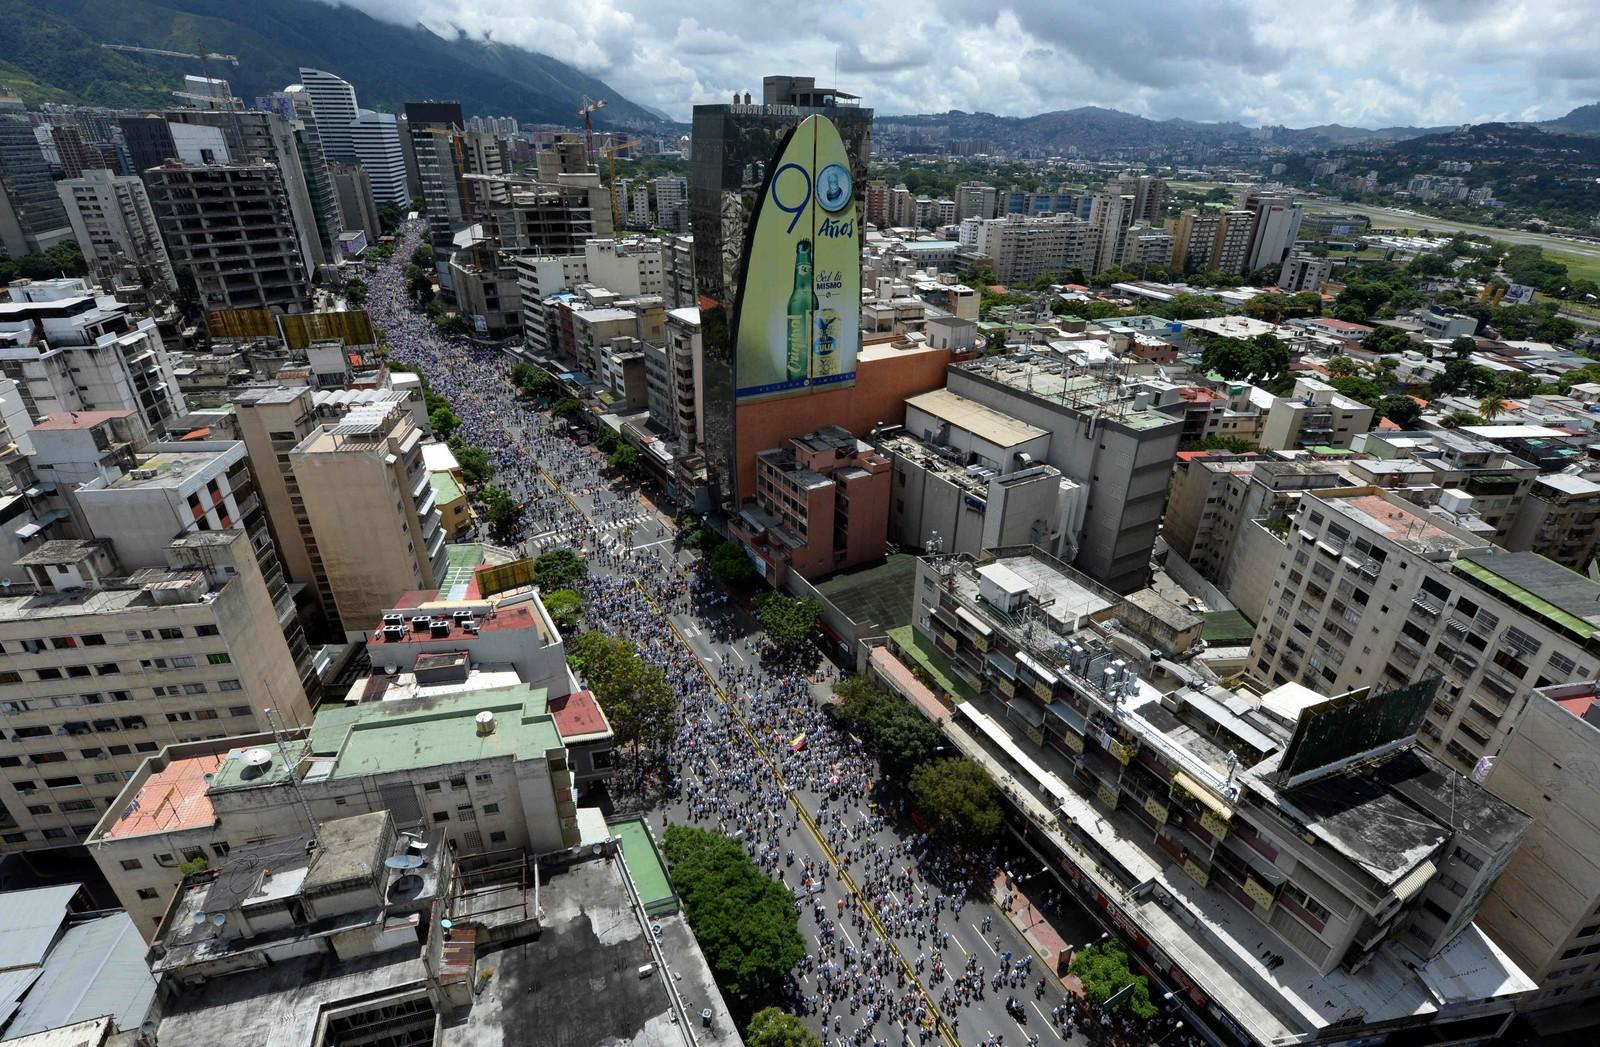 Opposisjonen hadde på forhånd håpet at over 1 million mennesker ville komme til å delta i demonstrasjonen.